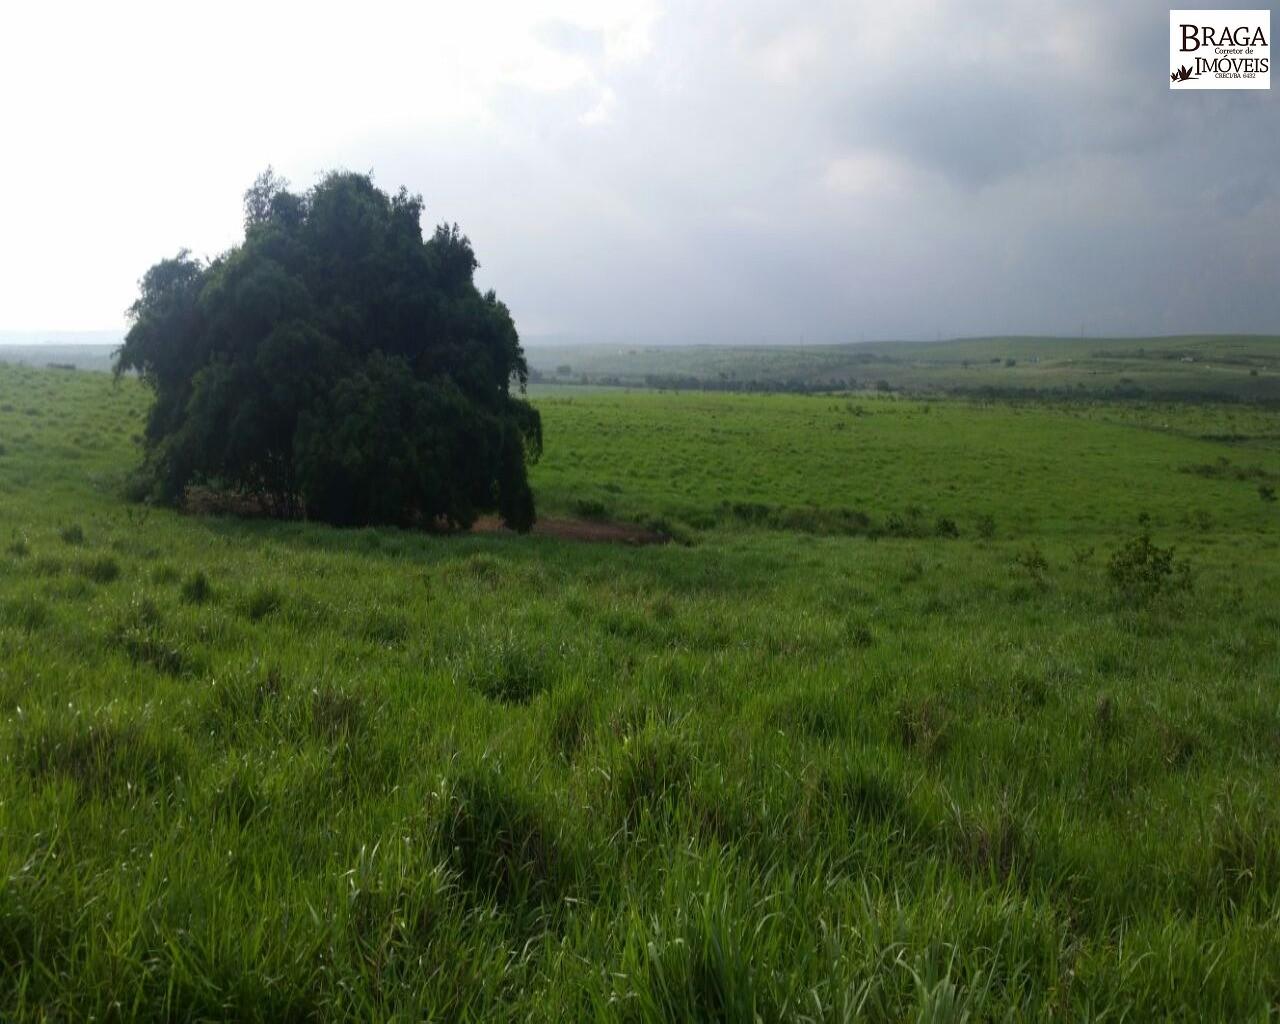 comprar ou alugar fazenda no bairro zona rural na cidade de são sebastião do passé-ba